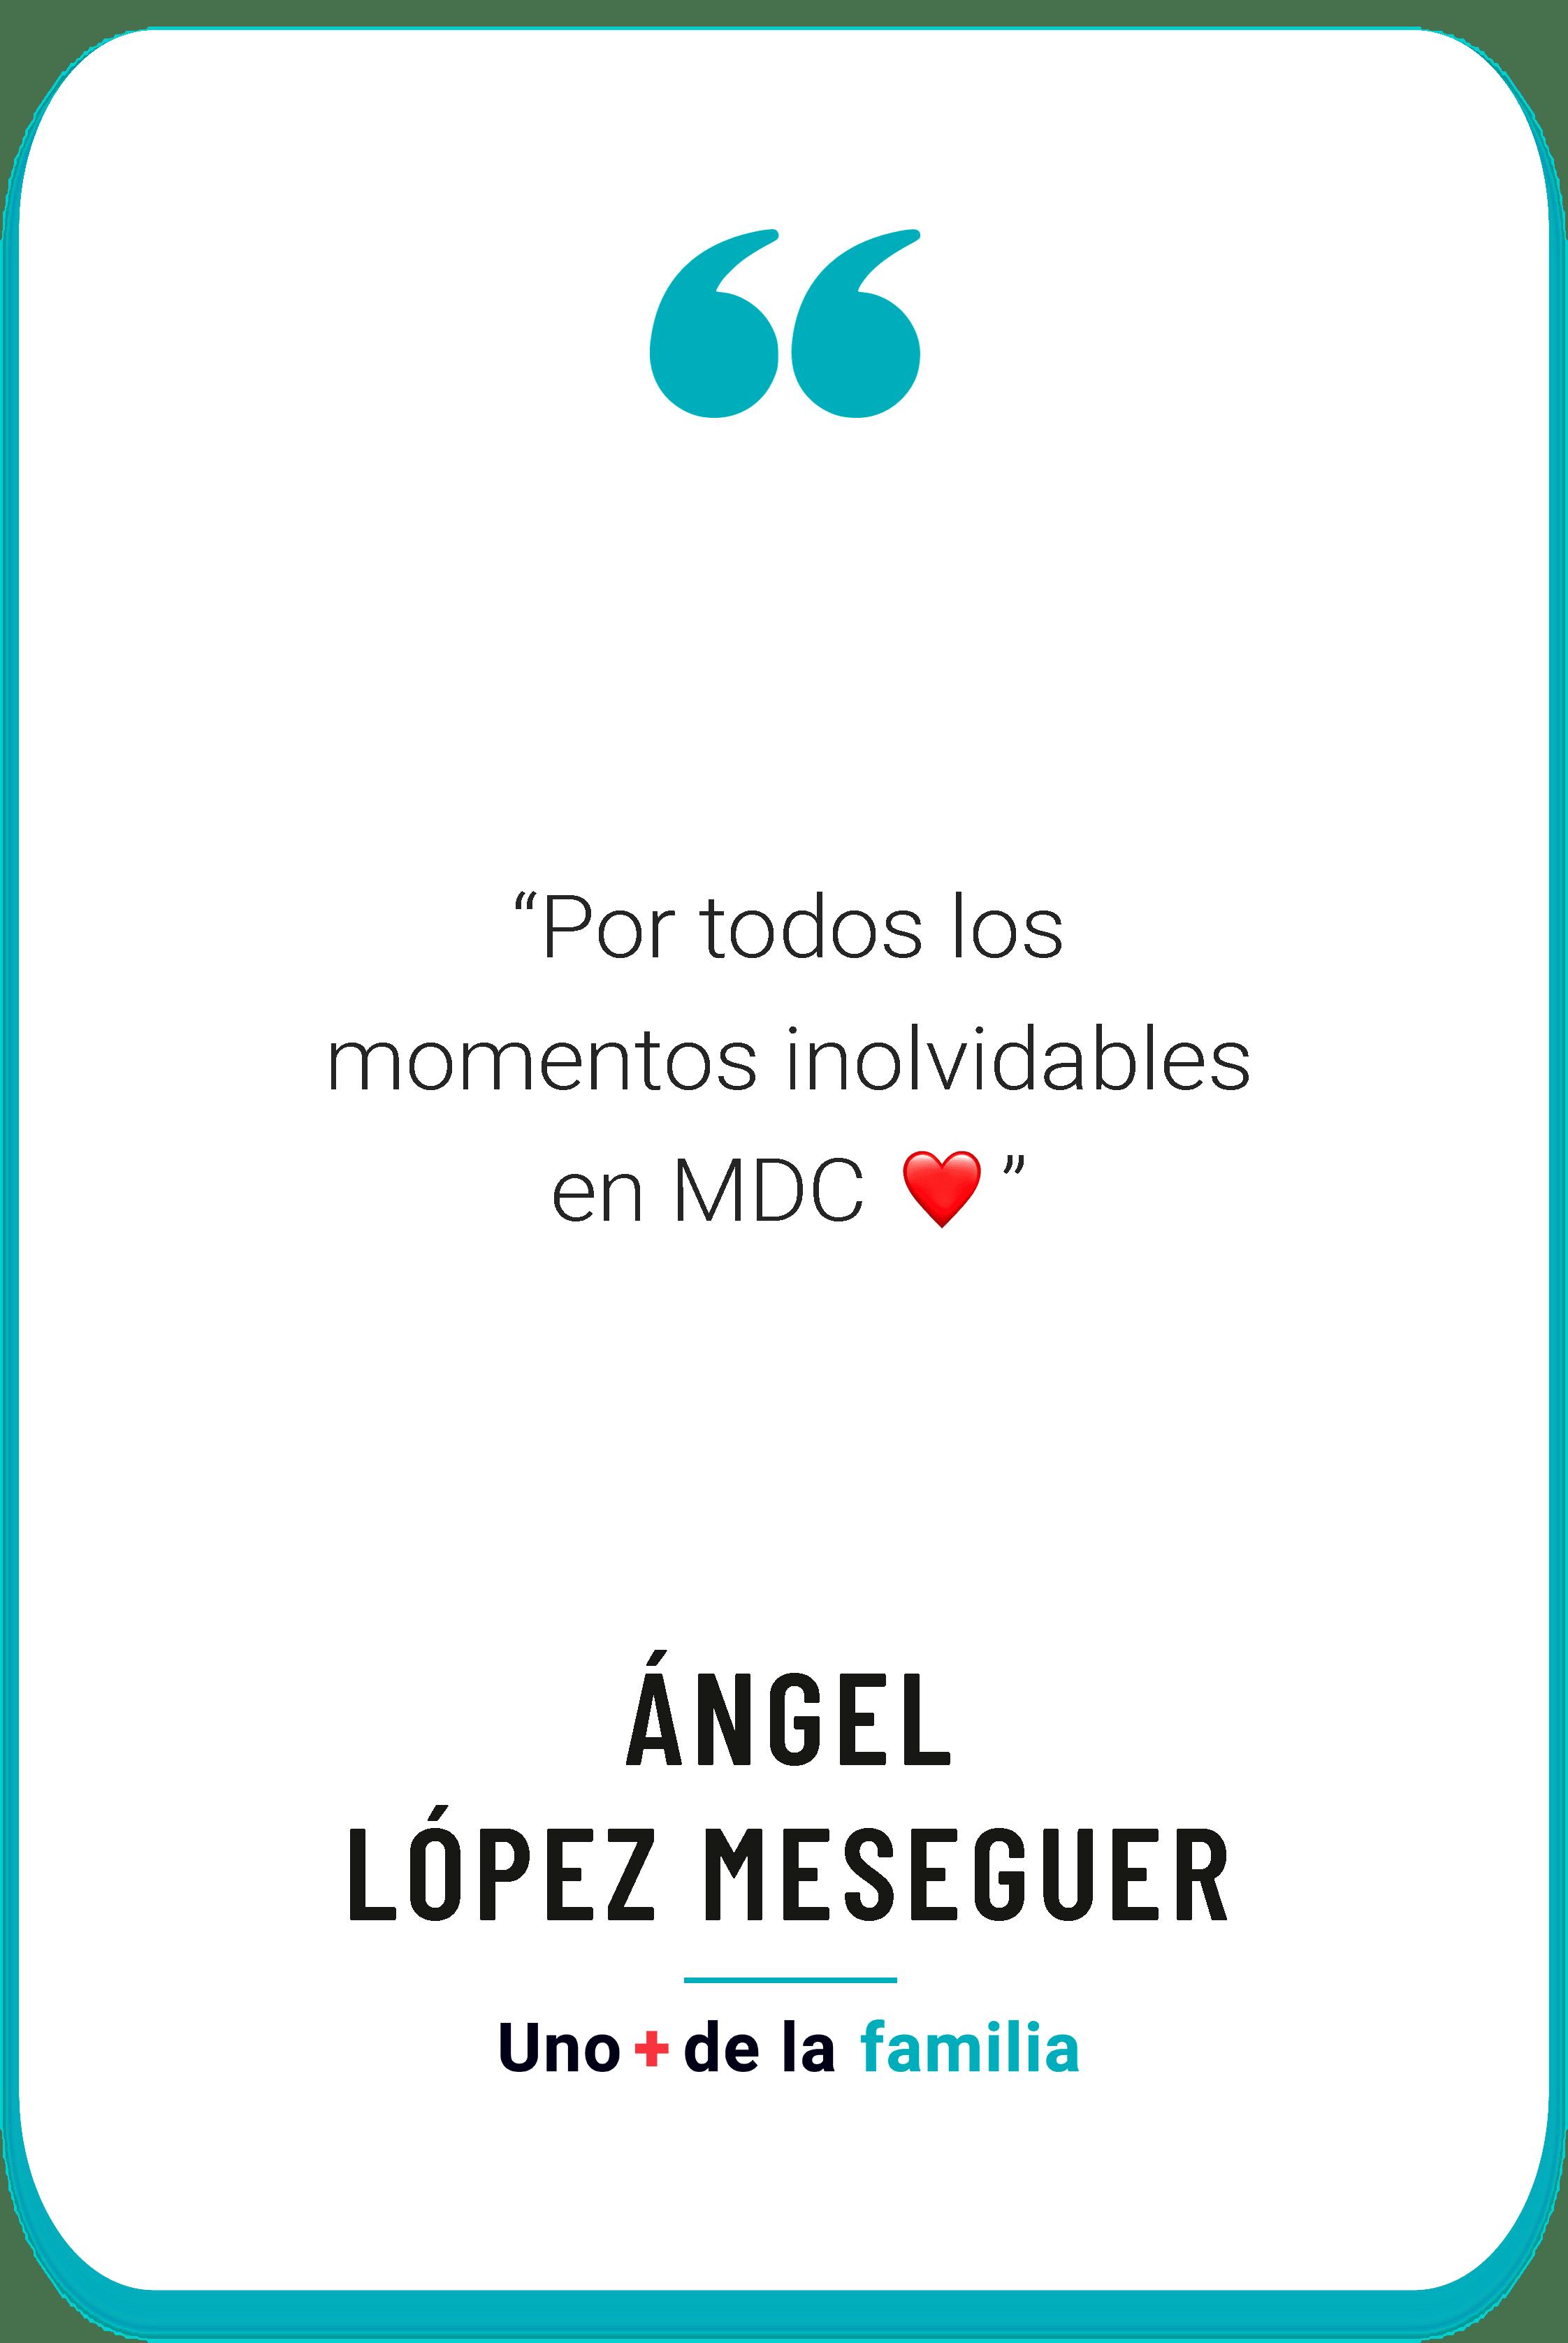 02_angel lopez-min